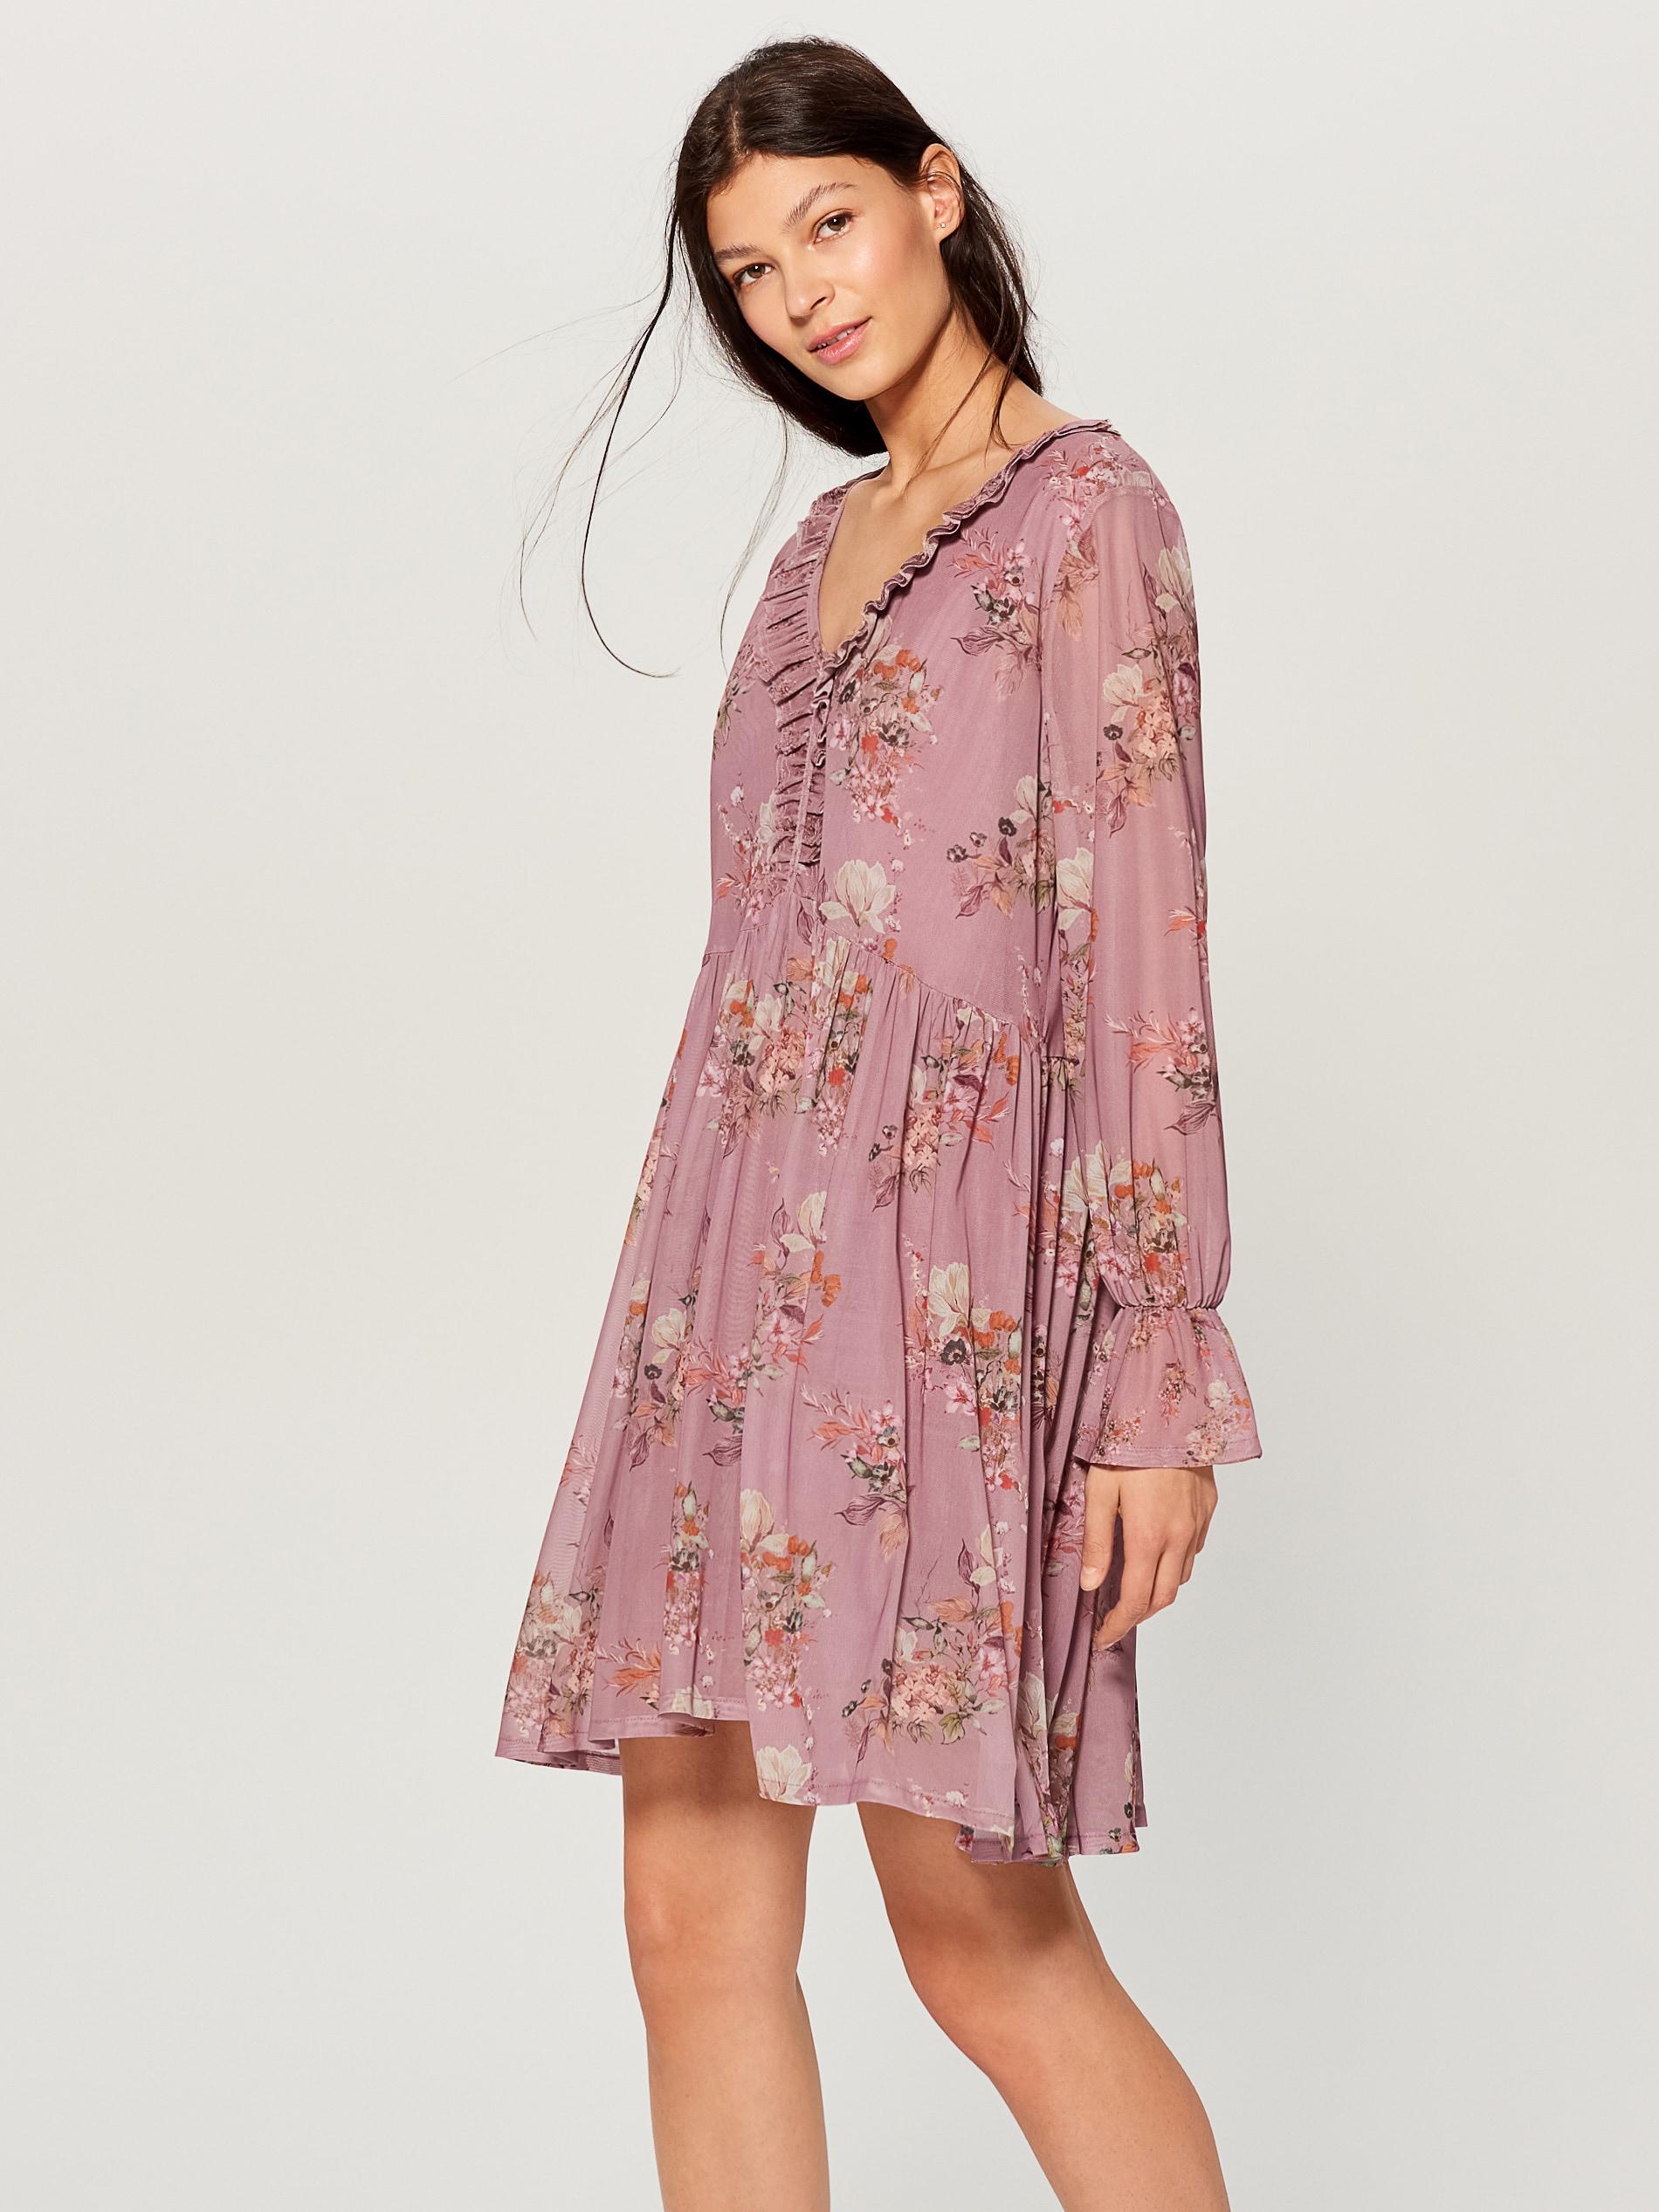 Šaty oversized s ozdobným volánem - růžová - VZ582-39P - Mohito - 1 35bbf825640